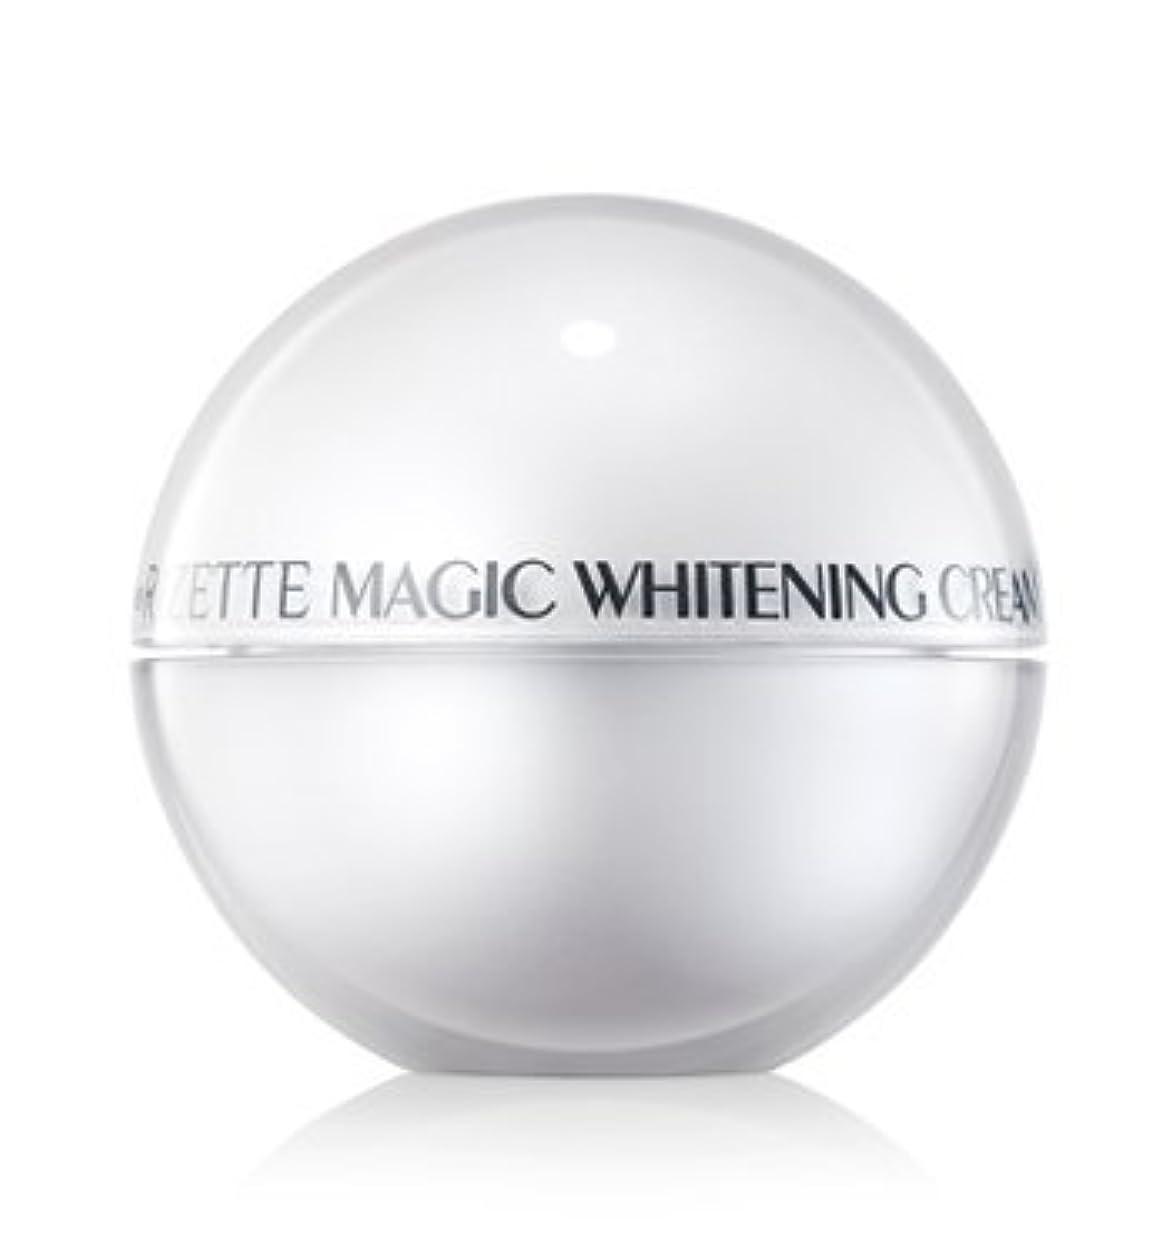 レンダー歩道レジリオエリ(Lioele) Rizette マジック ホワイトニング クリーム プラス/ Lioele Rizette Magic Whitening Cream Plus[並行輸入品]